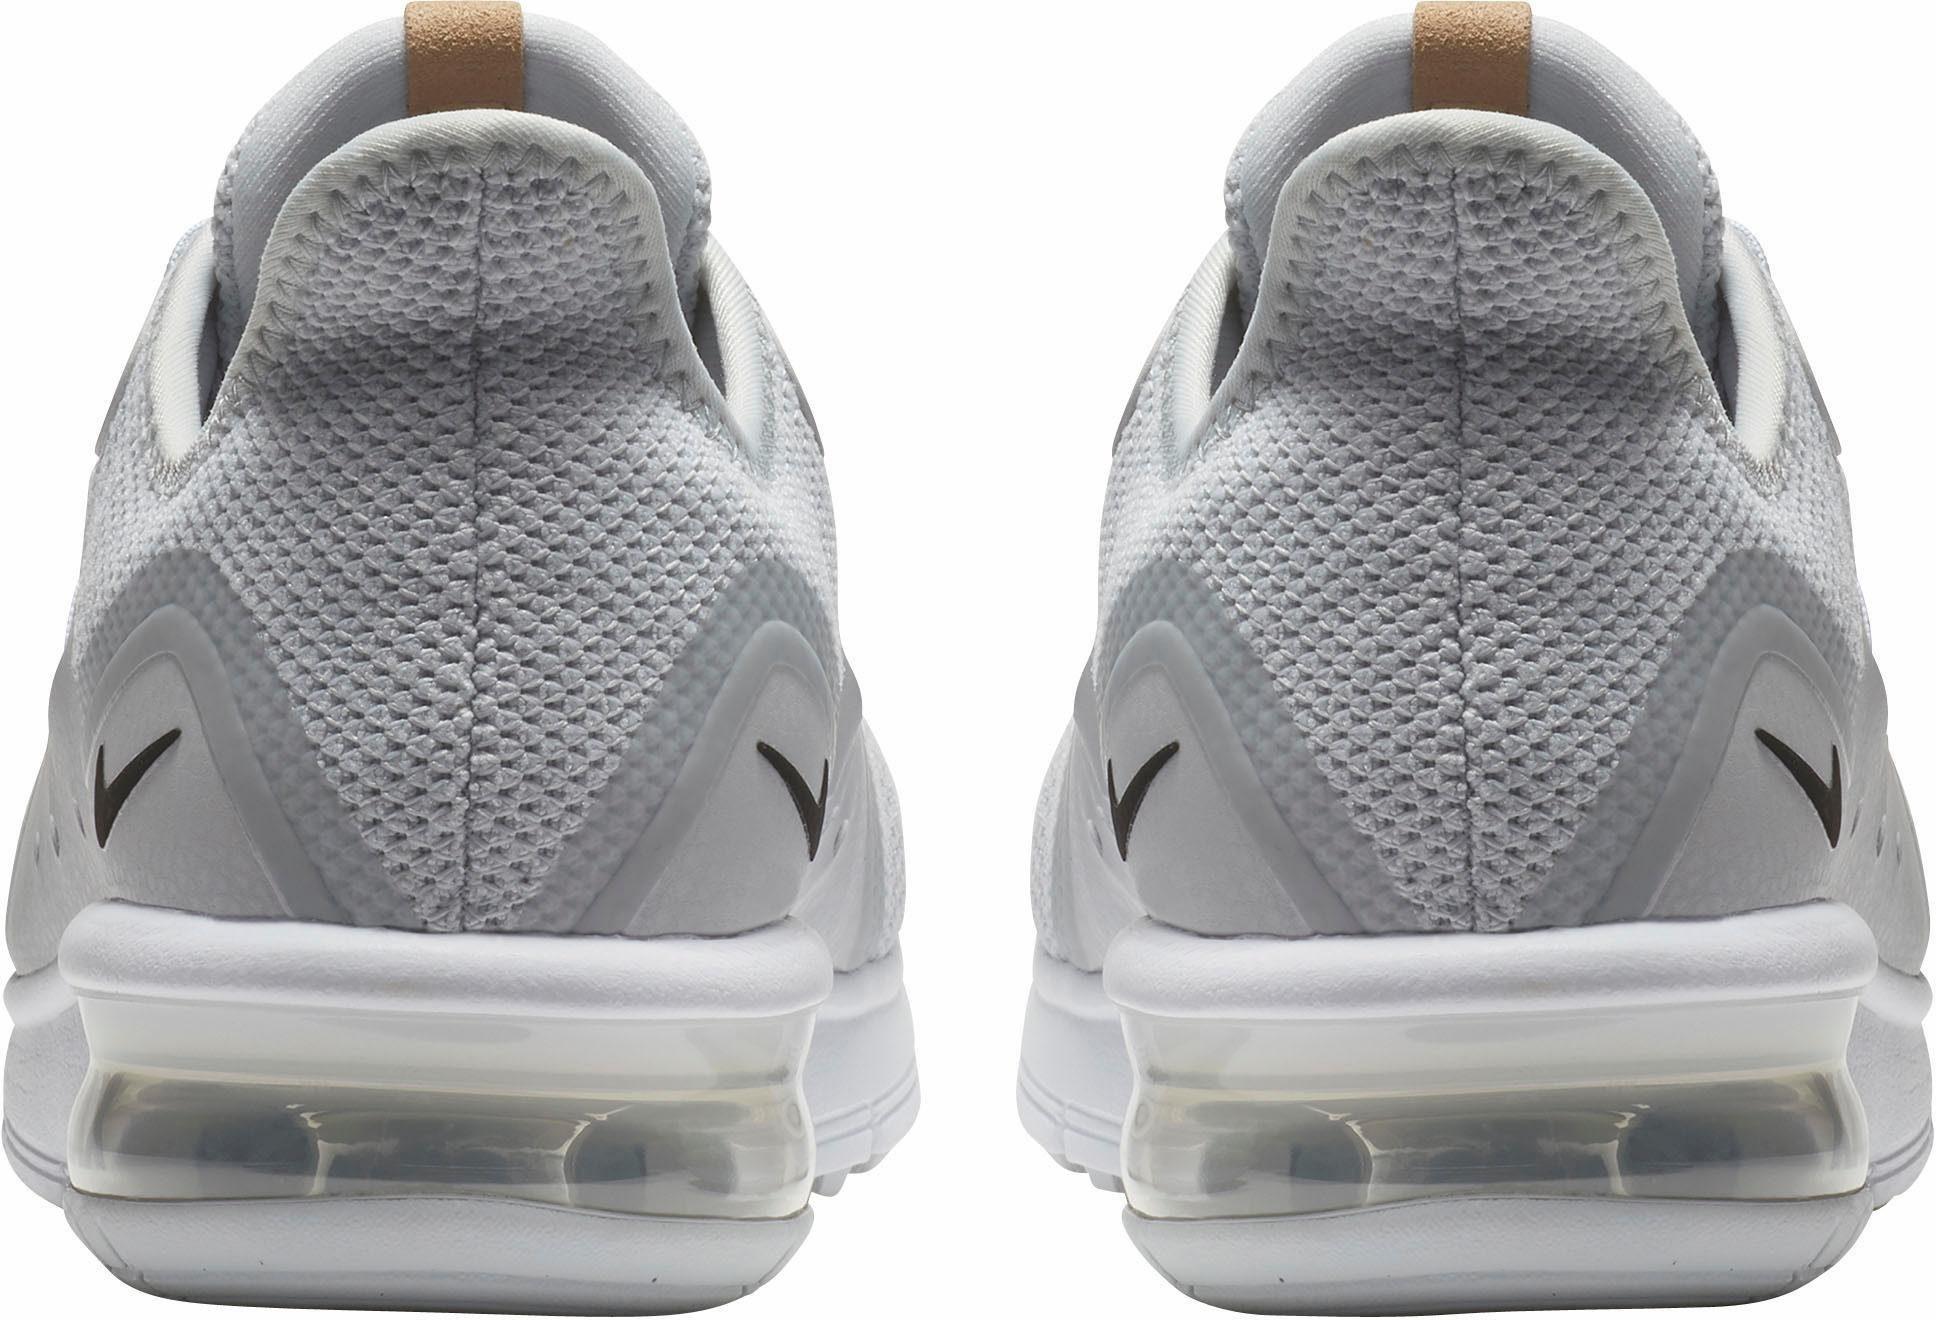 Nike runningschoenen Wmns Air Max Sequent 3